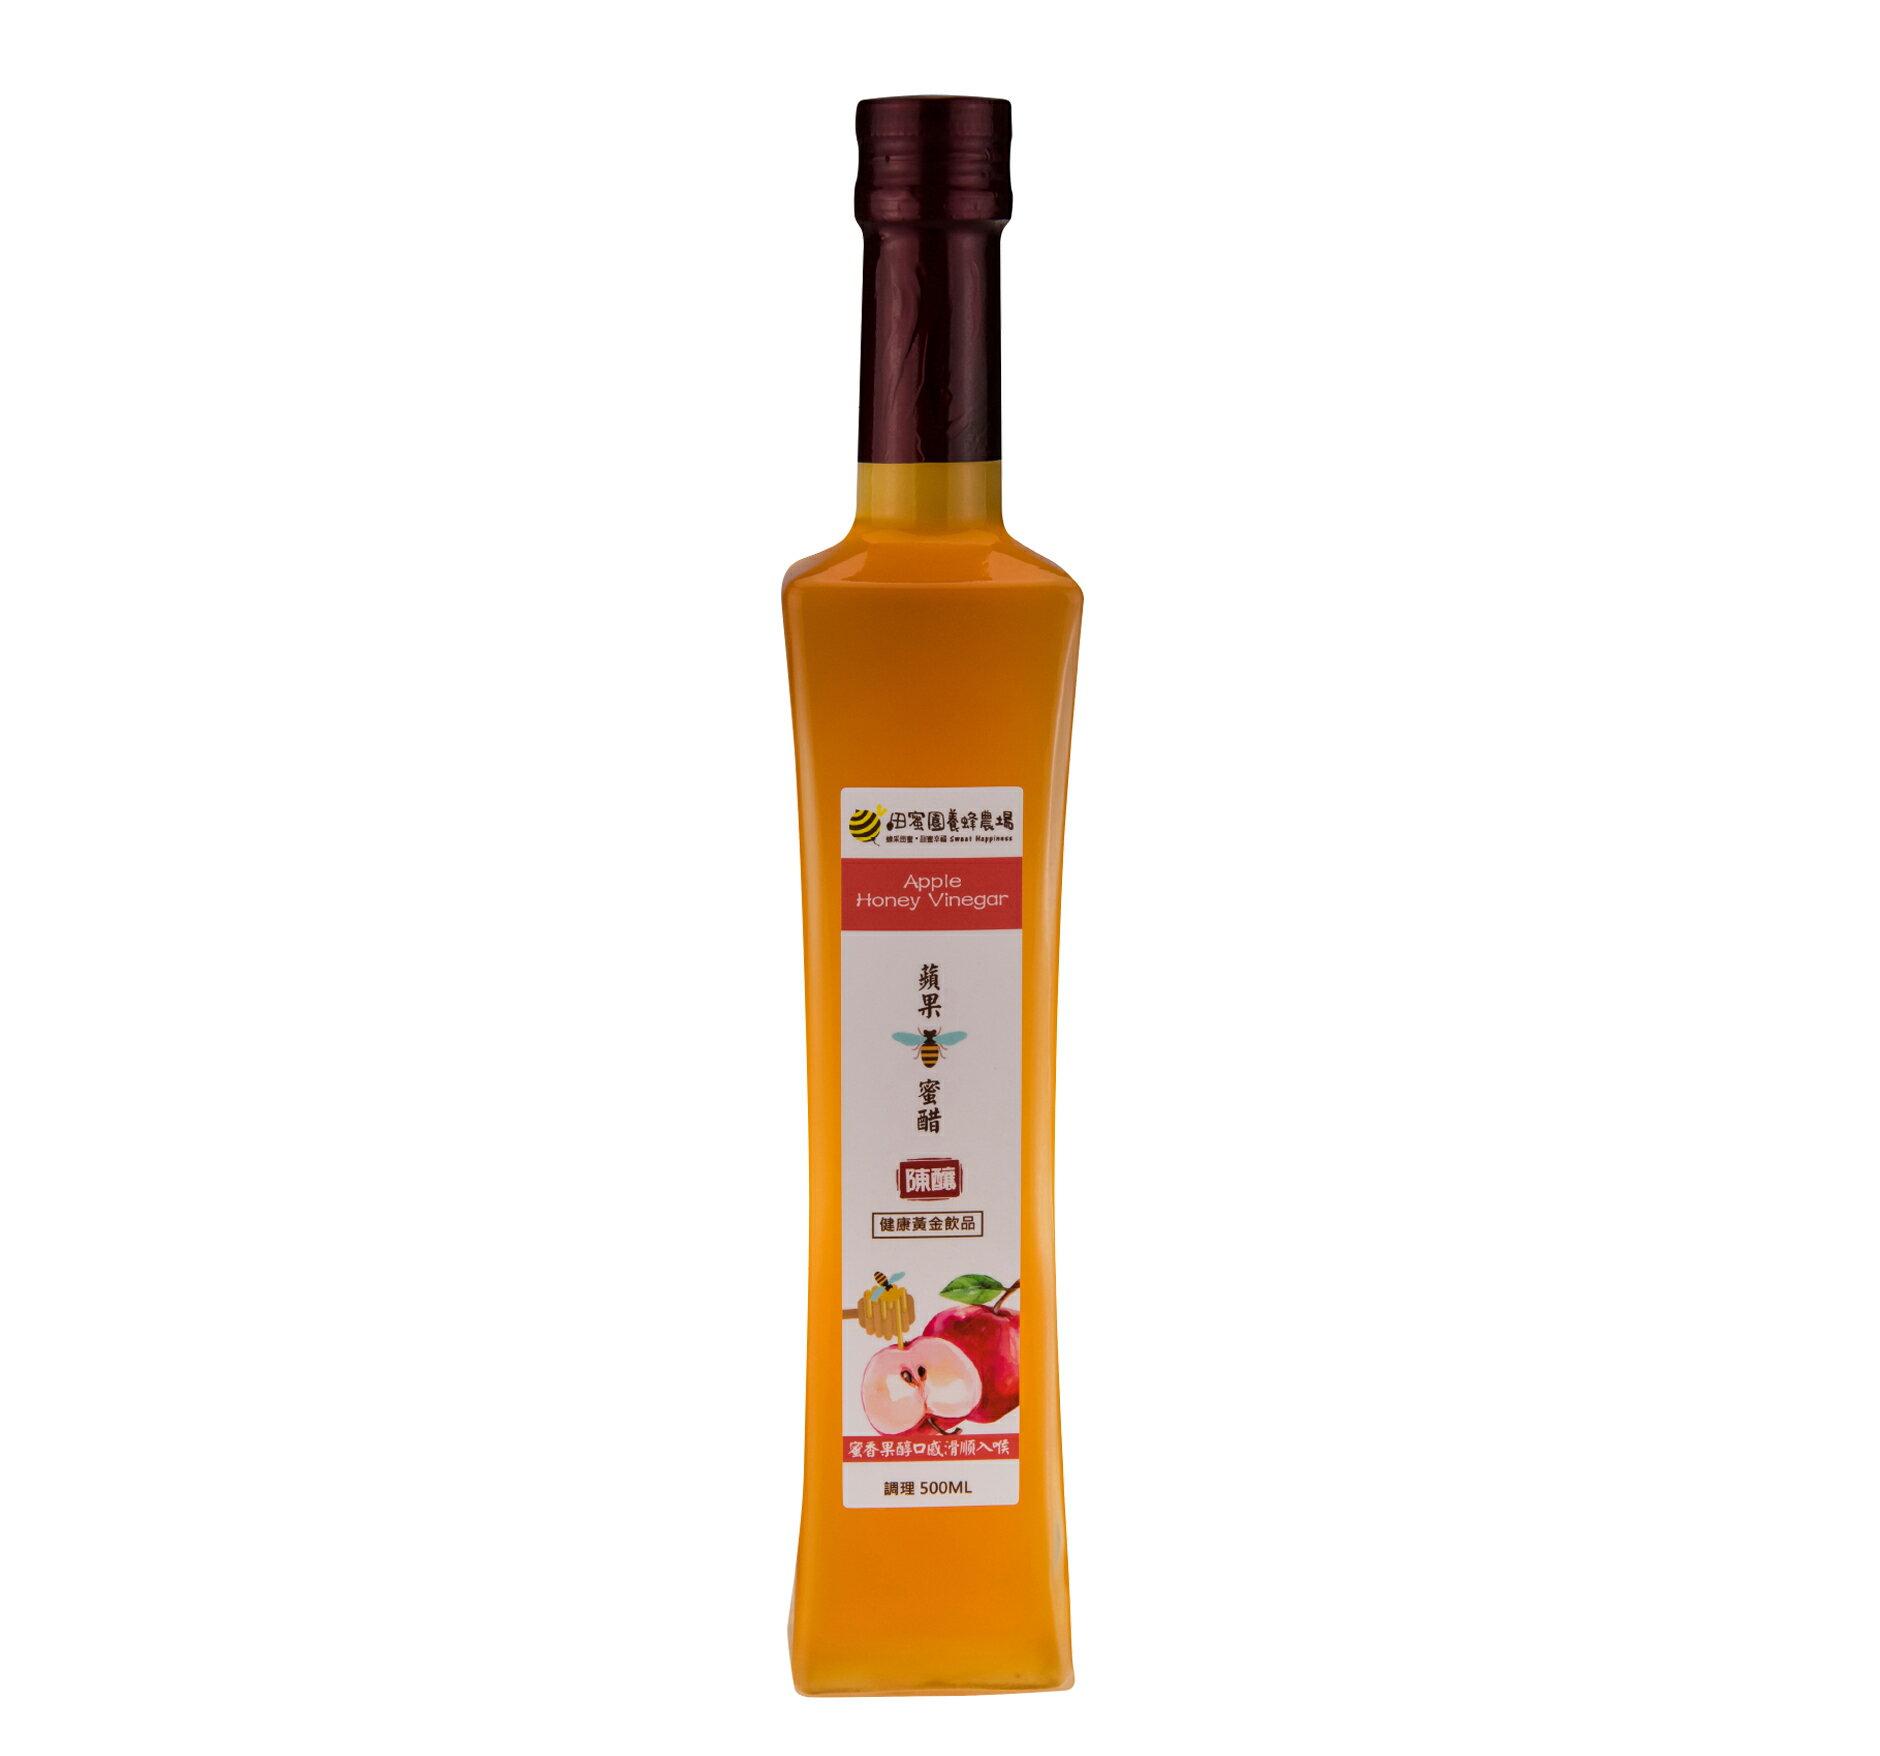 【田蜜園養蜂農場】真味有限公司|蘋果蜂蜜醋|蜂蜜、蜂花粉、蜂王乳、蜂蜜醋系列